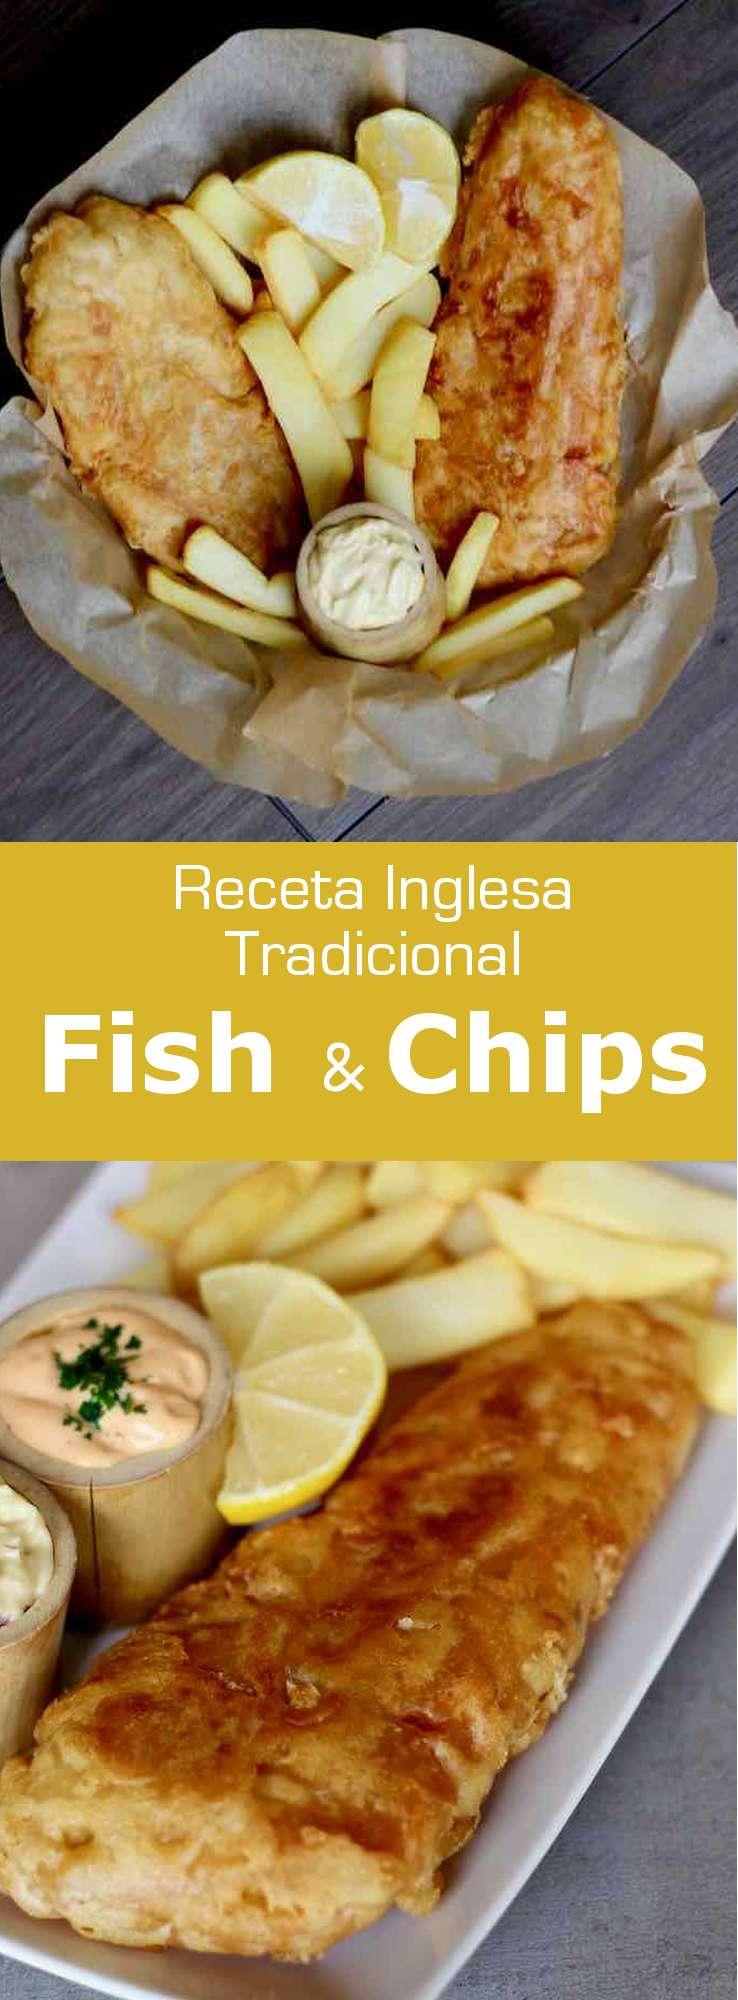 El fish and chips, que consiste en filetes de pescado rebozados con masa de cerveza y fritos, servidos con patatas fritas, es un plato popular en Reino Unido.